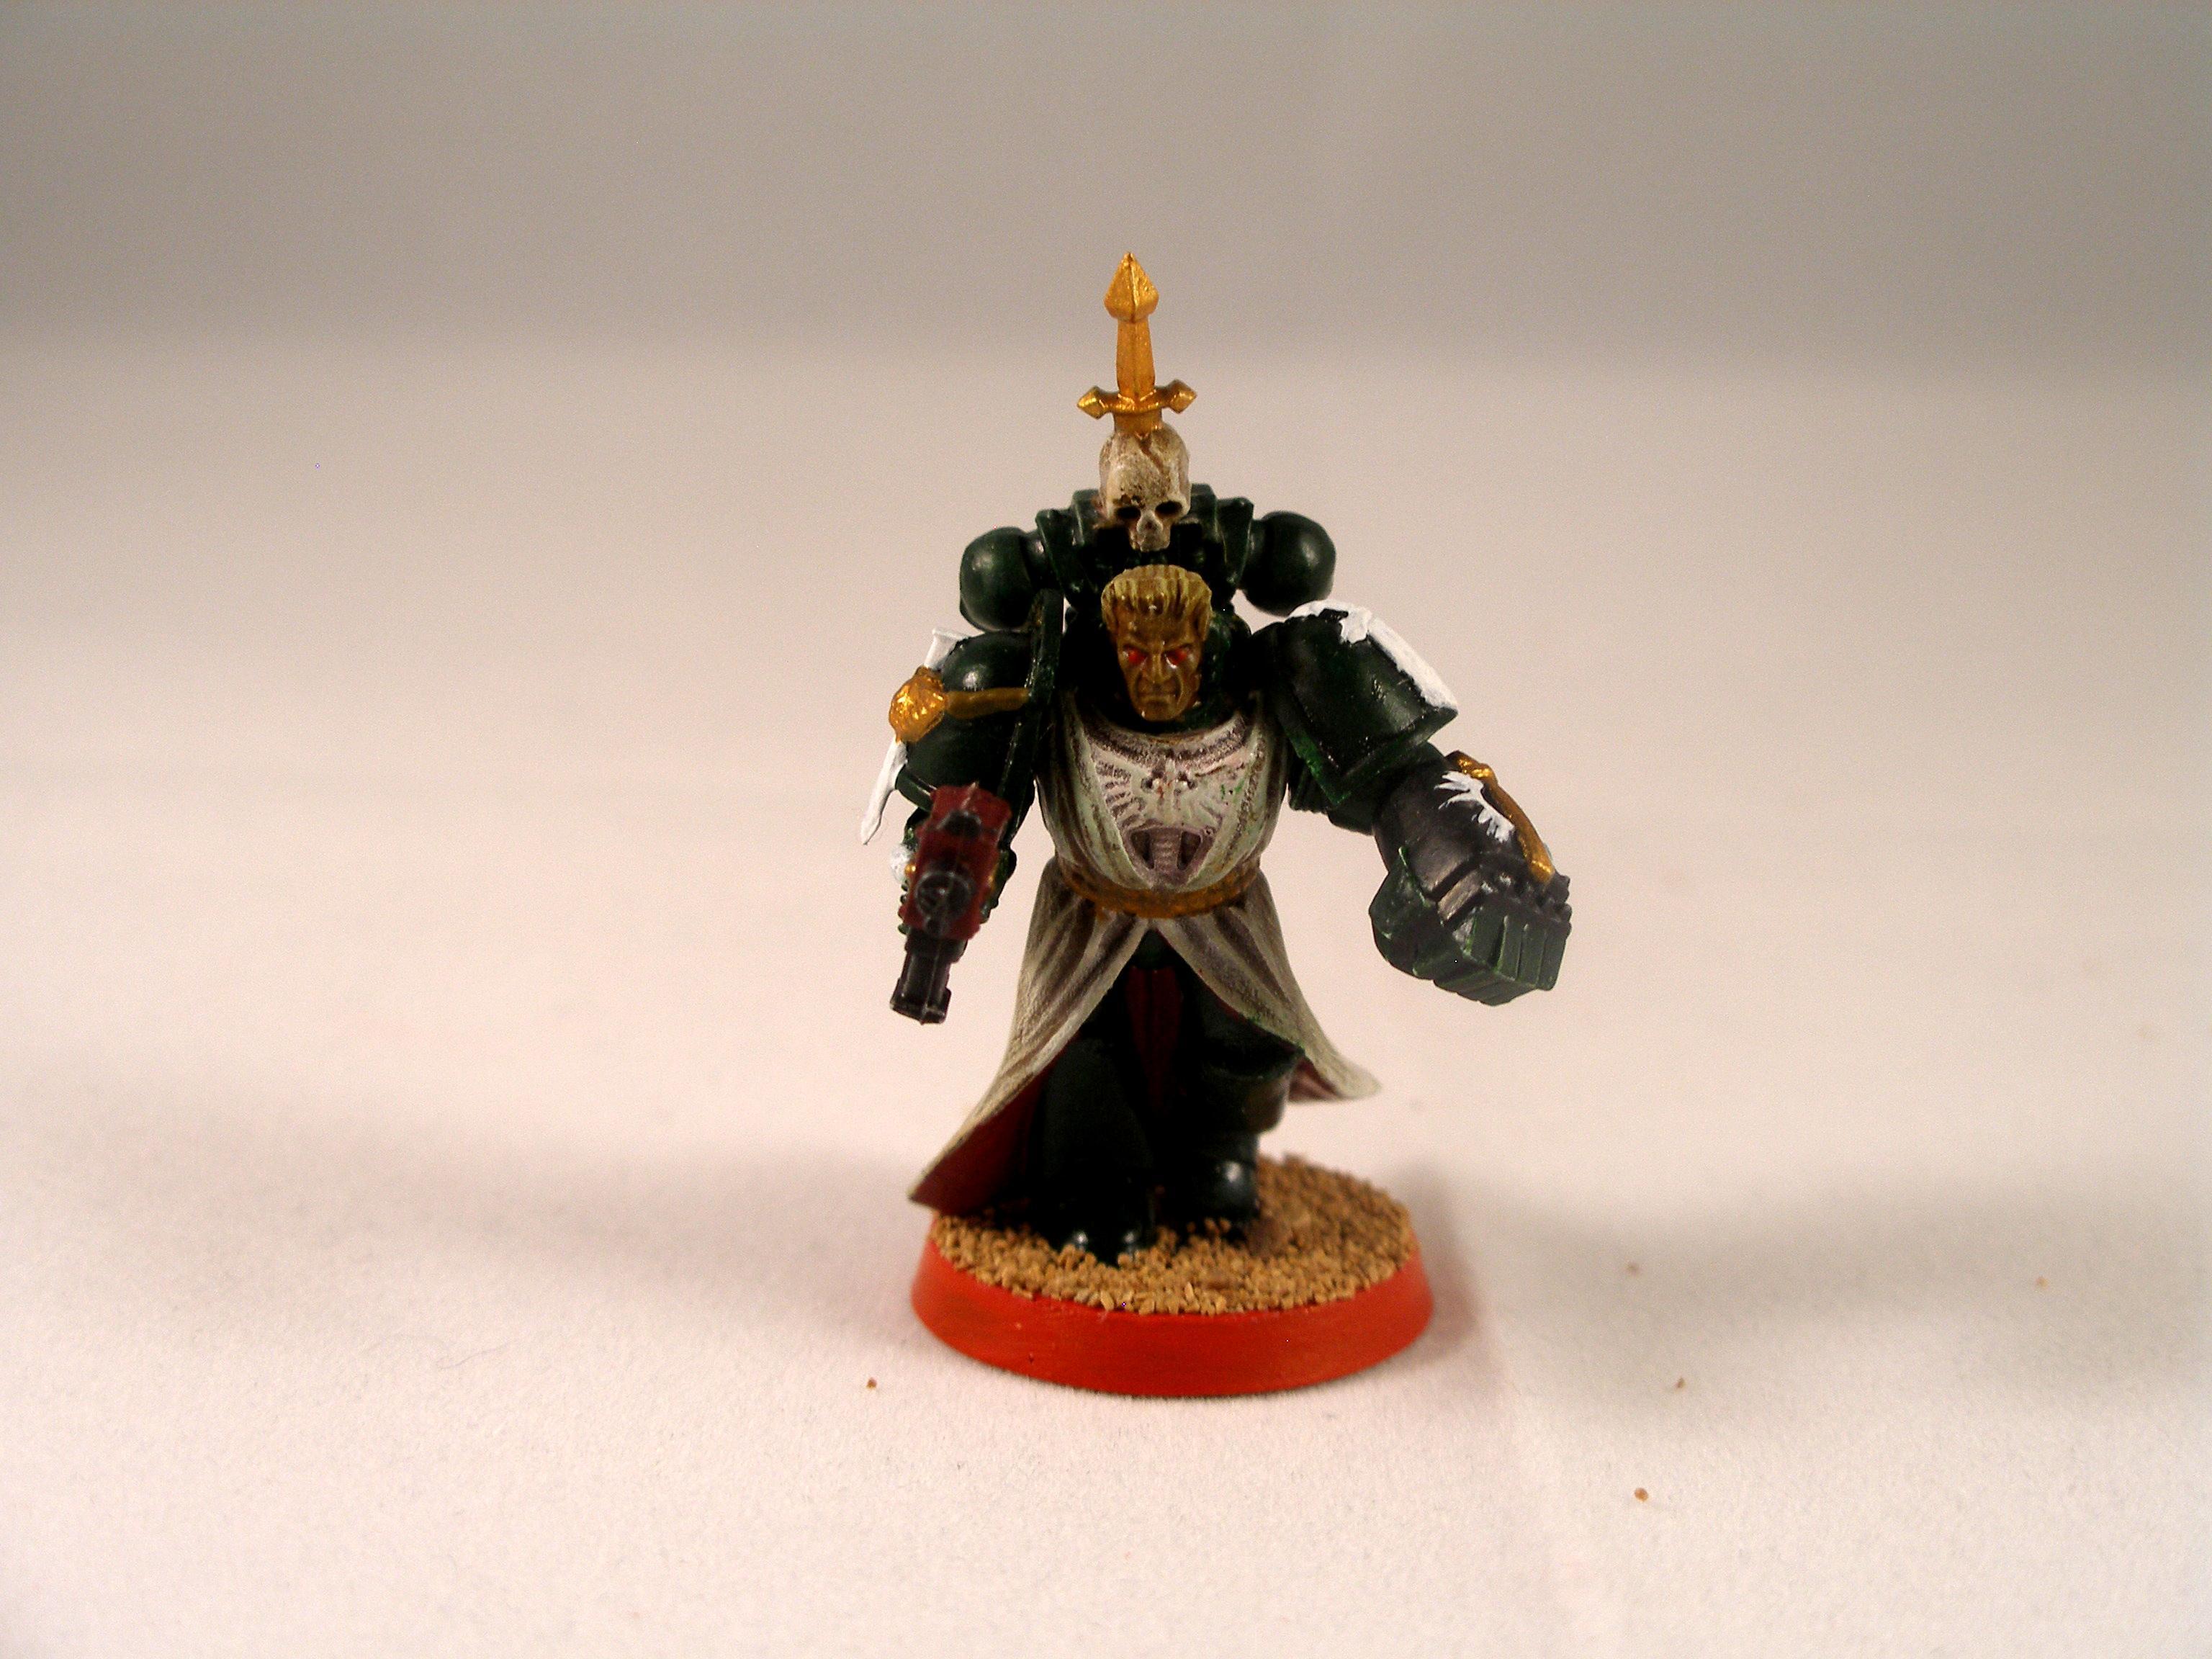 Brother, Dark Angels, Space Marines, Warhammer 40,000